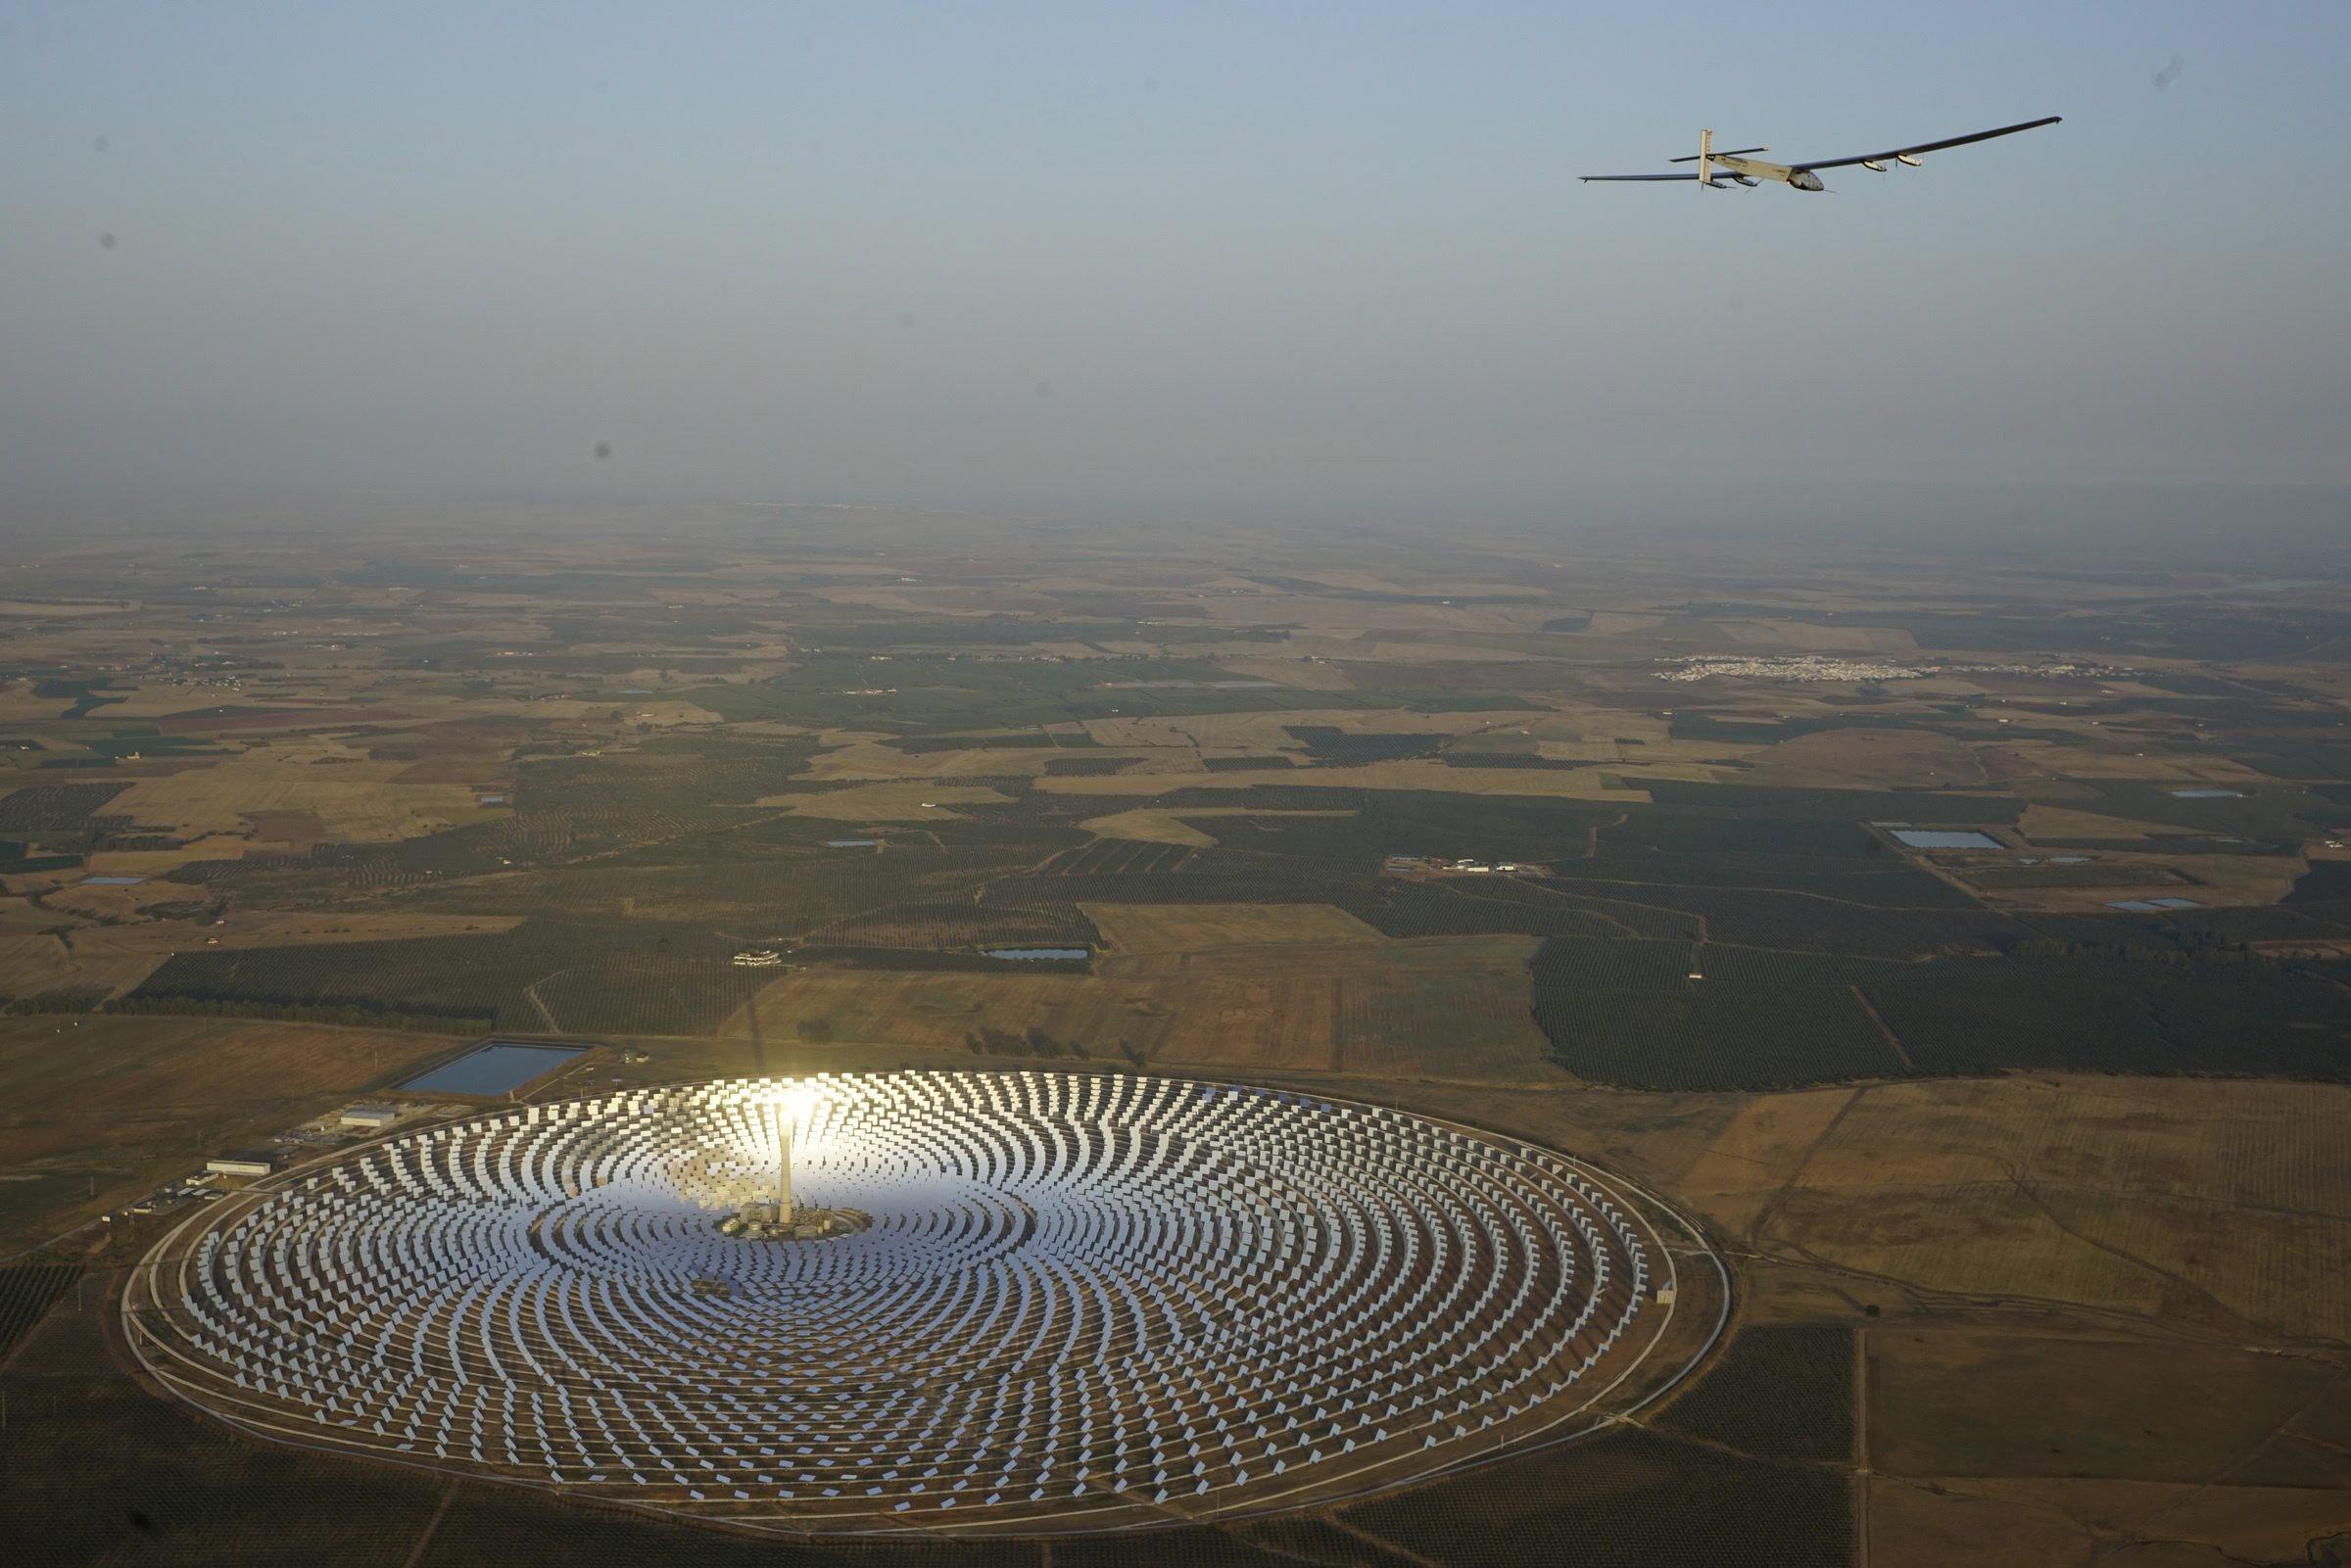 Die Solar Impulse 2 hat am Morgen das Solarkraftwerk Gemasolar in der Nähe von Sevilla überflogen